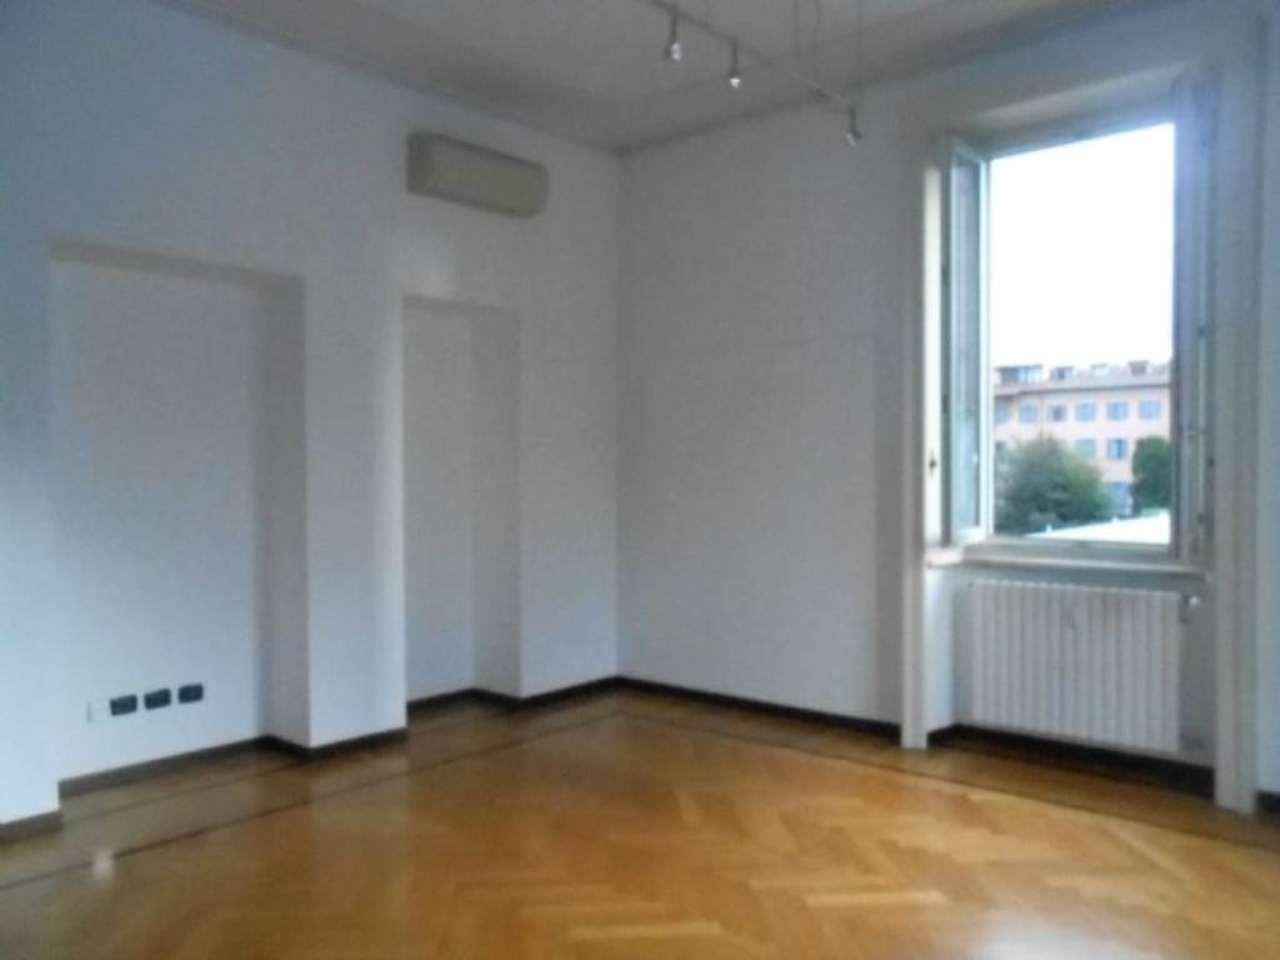 Appartamento in affitto a Milano, 3 locali, zona Zona: 1 . Centro Storico, Duomo, Brera, Cadorna, Cattolica, prezzo € 1.900 | Cambio Casa.it